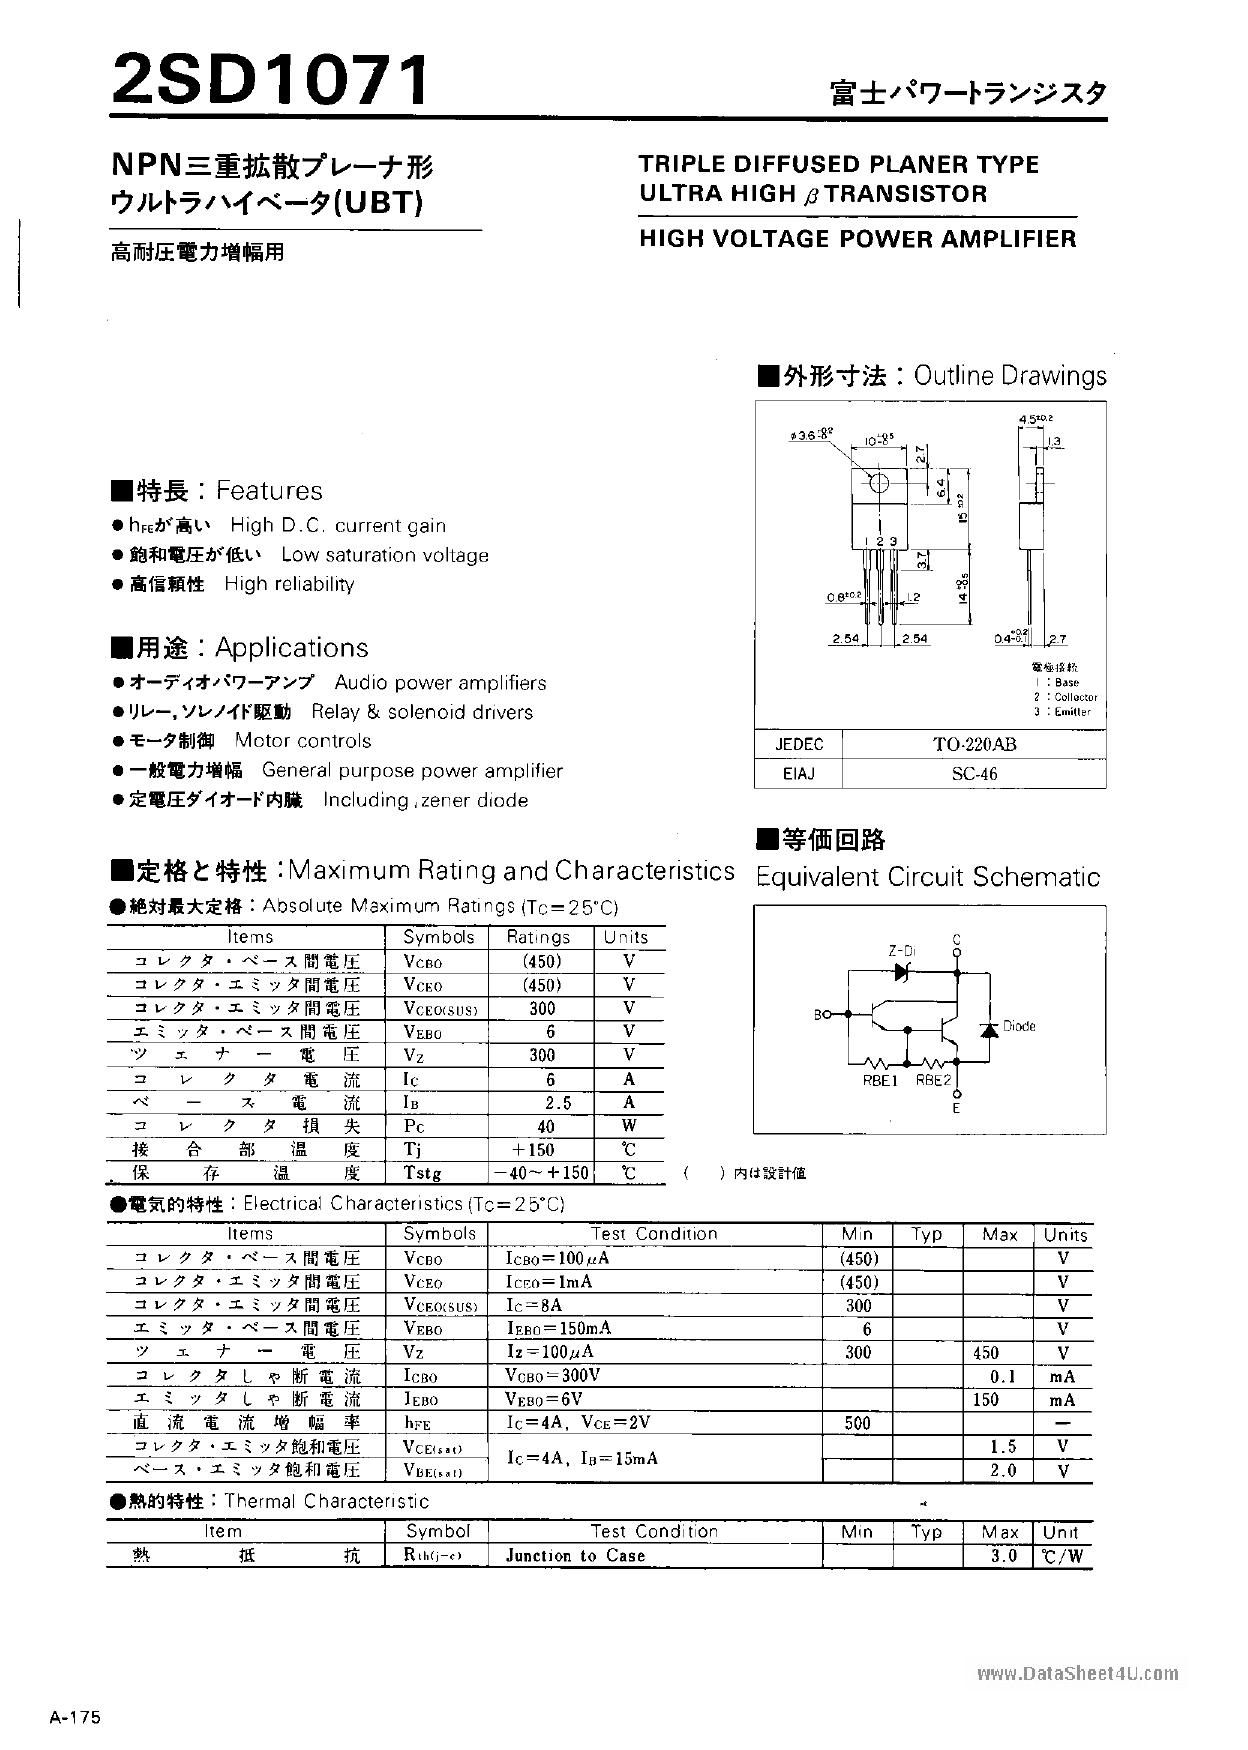 D1071 datasheet